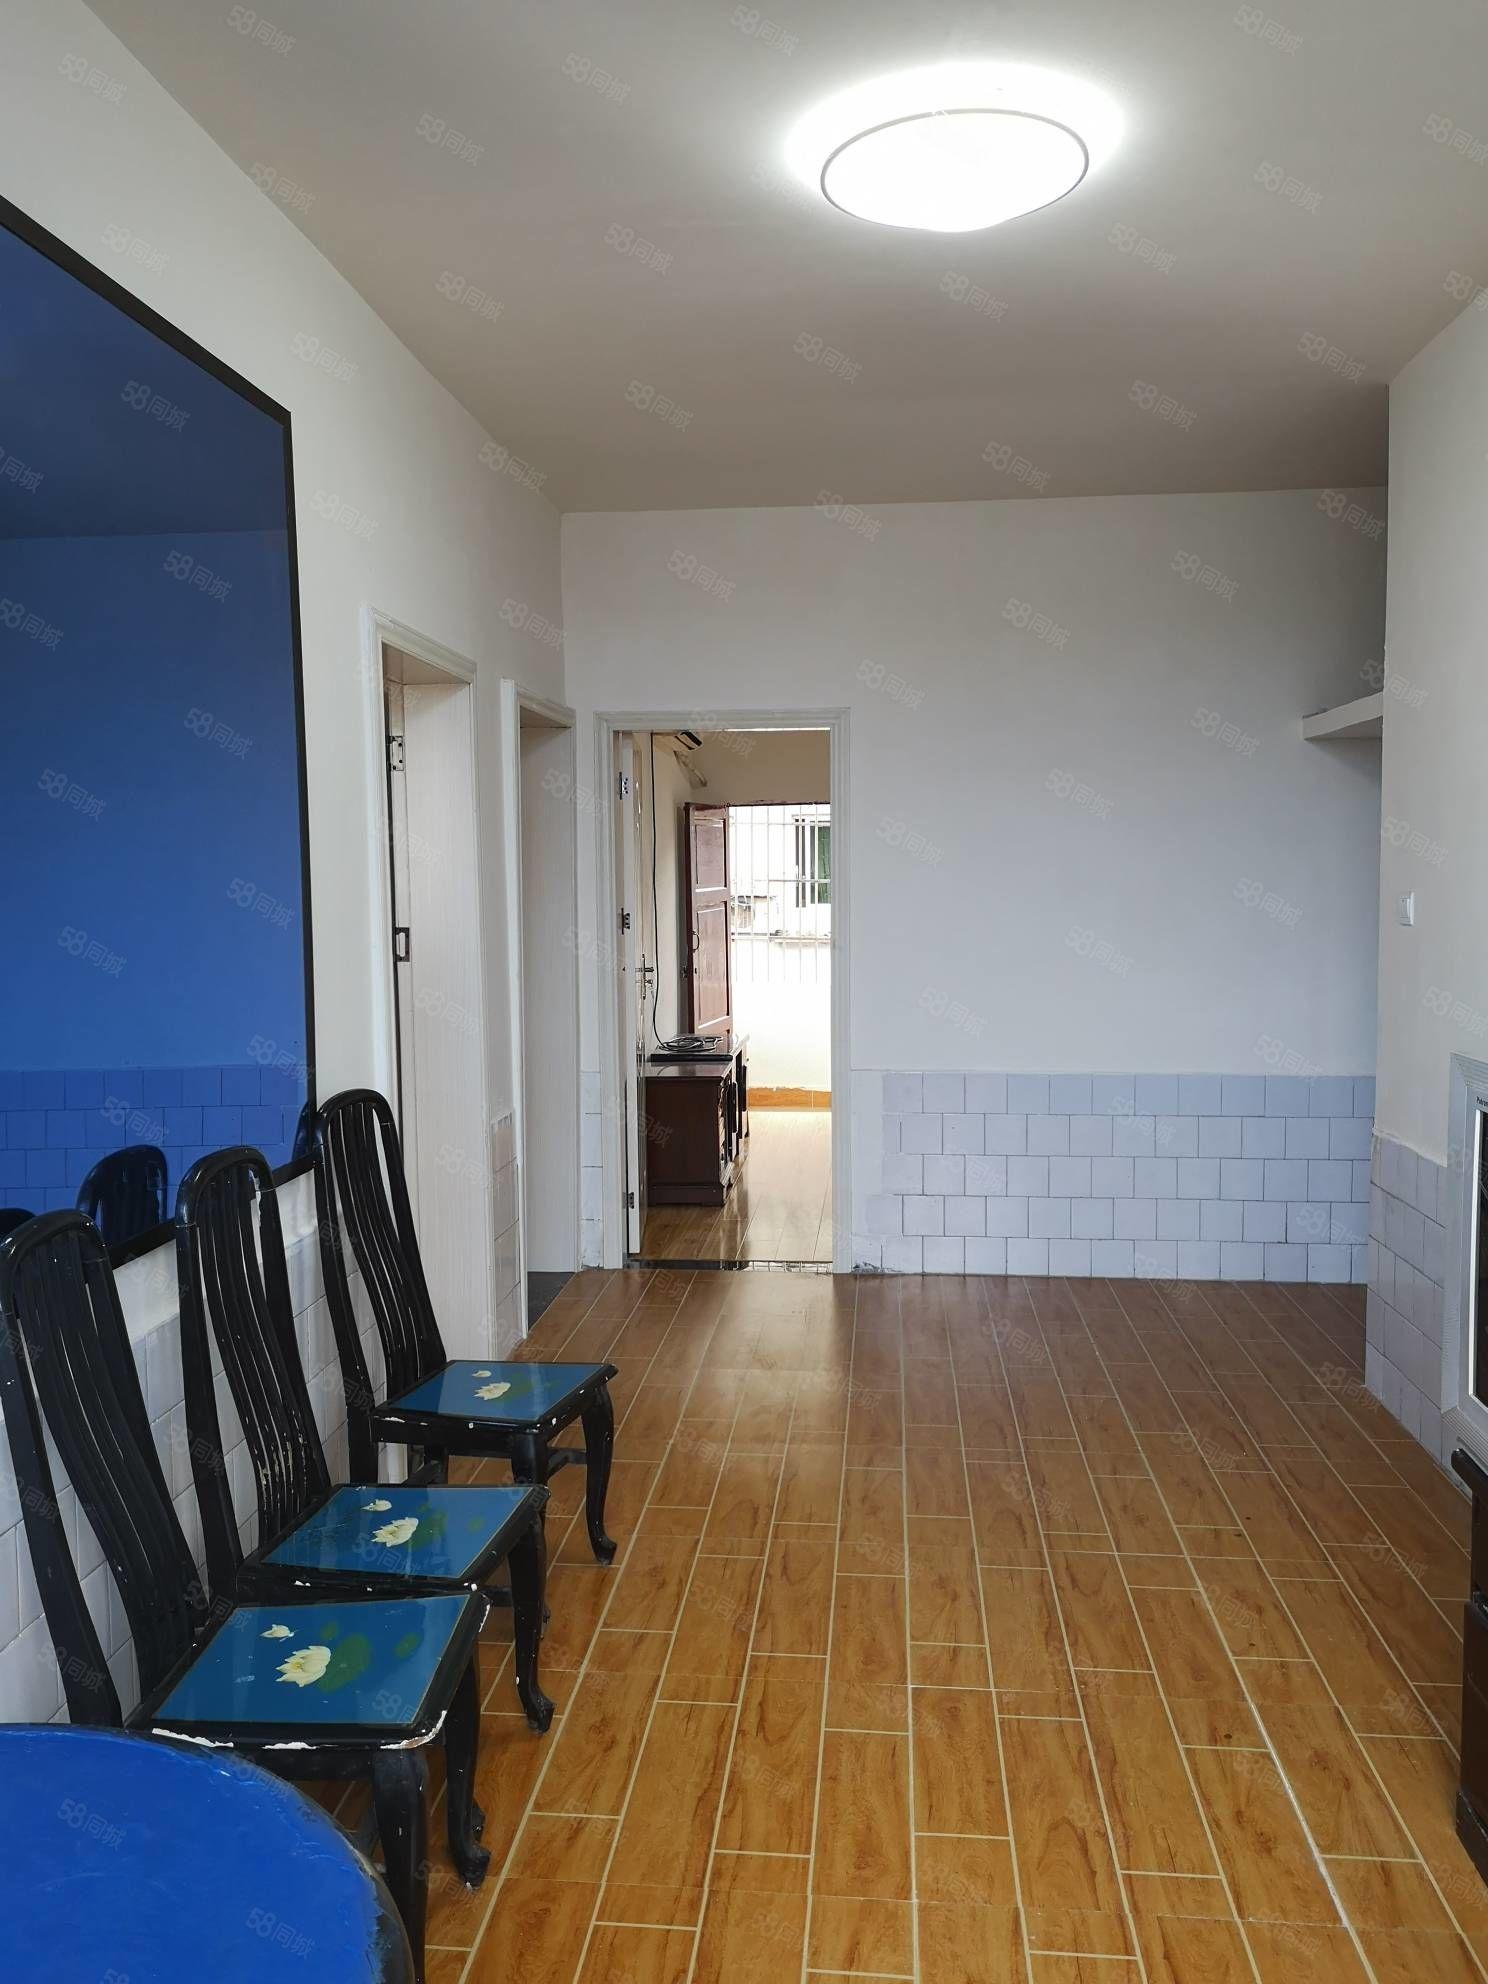 西街机关幼儿园旁3室1厅1卫出租